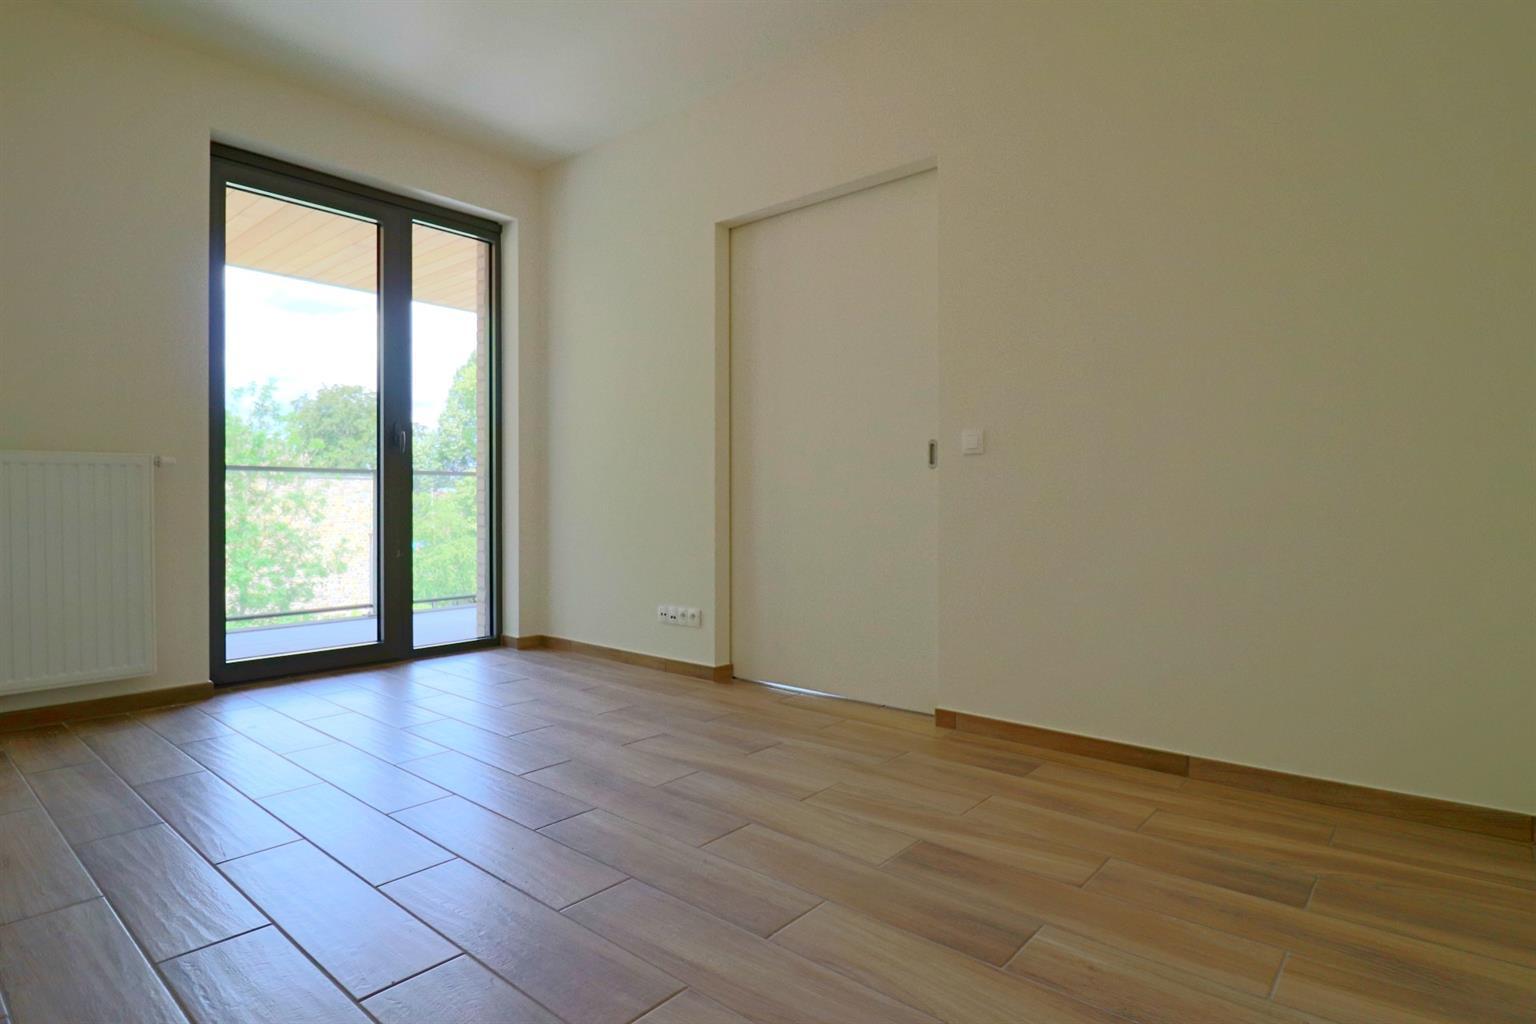 Appartement - Ottignies-Louvain-la-Neuve - #4406879-5